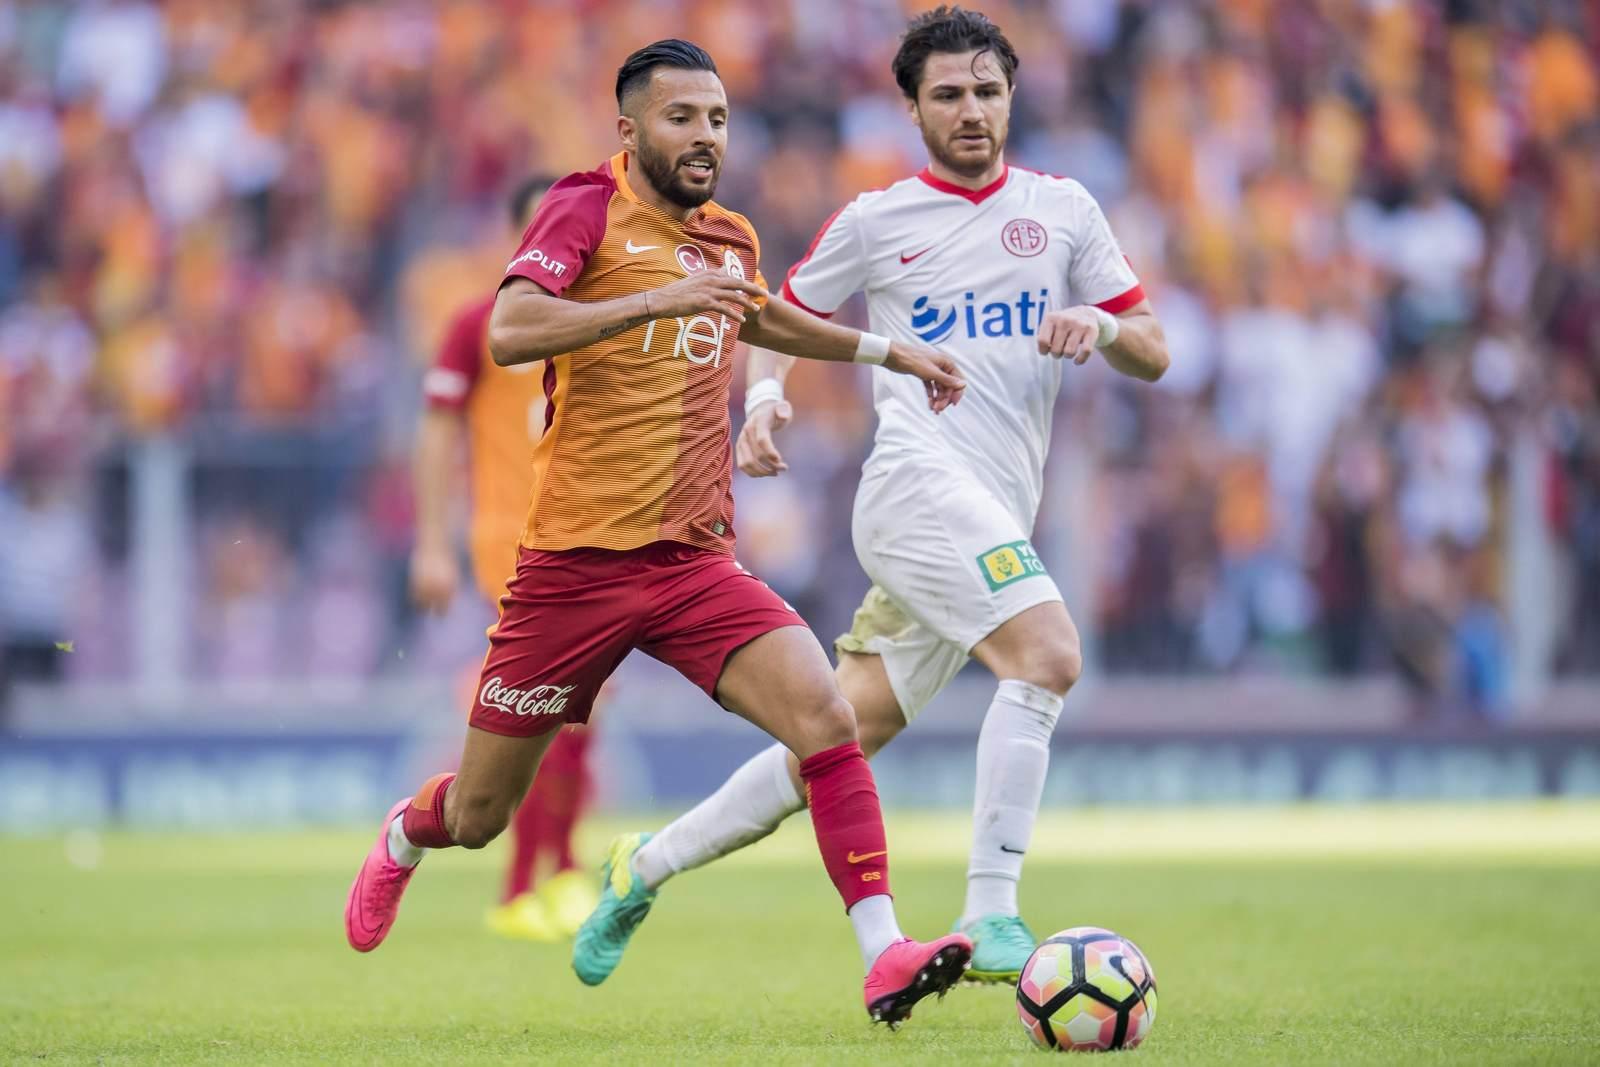 Yasin Öztekin im Laufduell mit Zeki Yildirim. Jetzt auf die Partie Galatasaray gegen Antalyaspor wetten